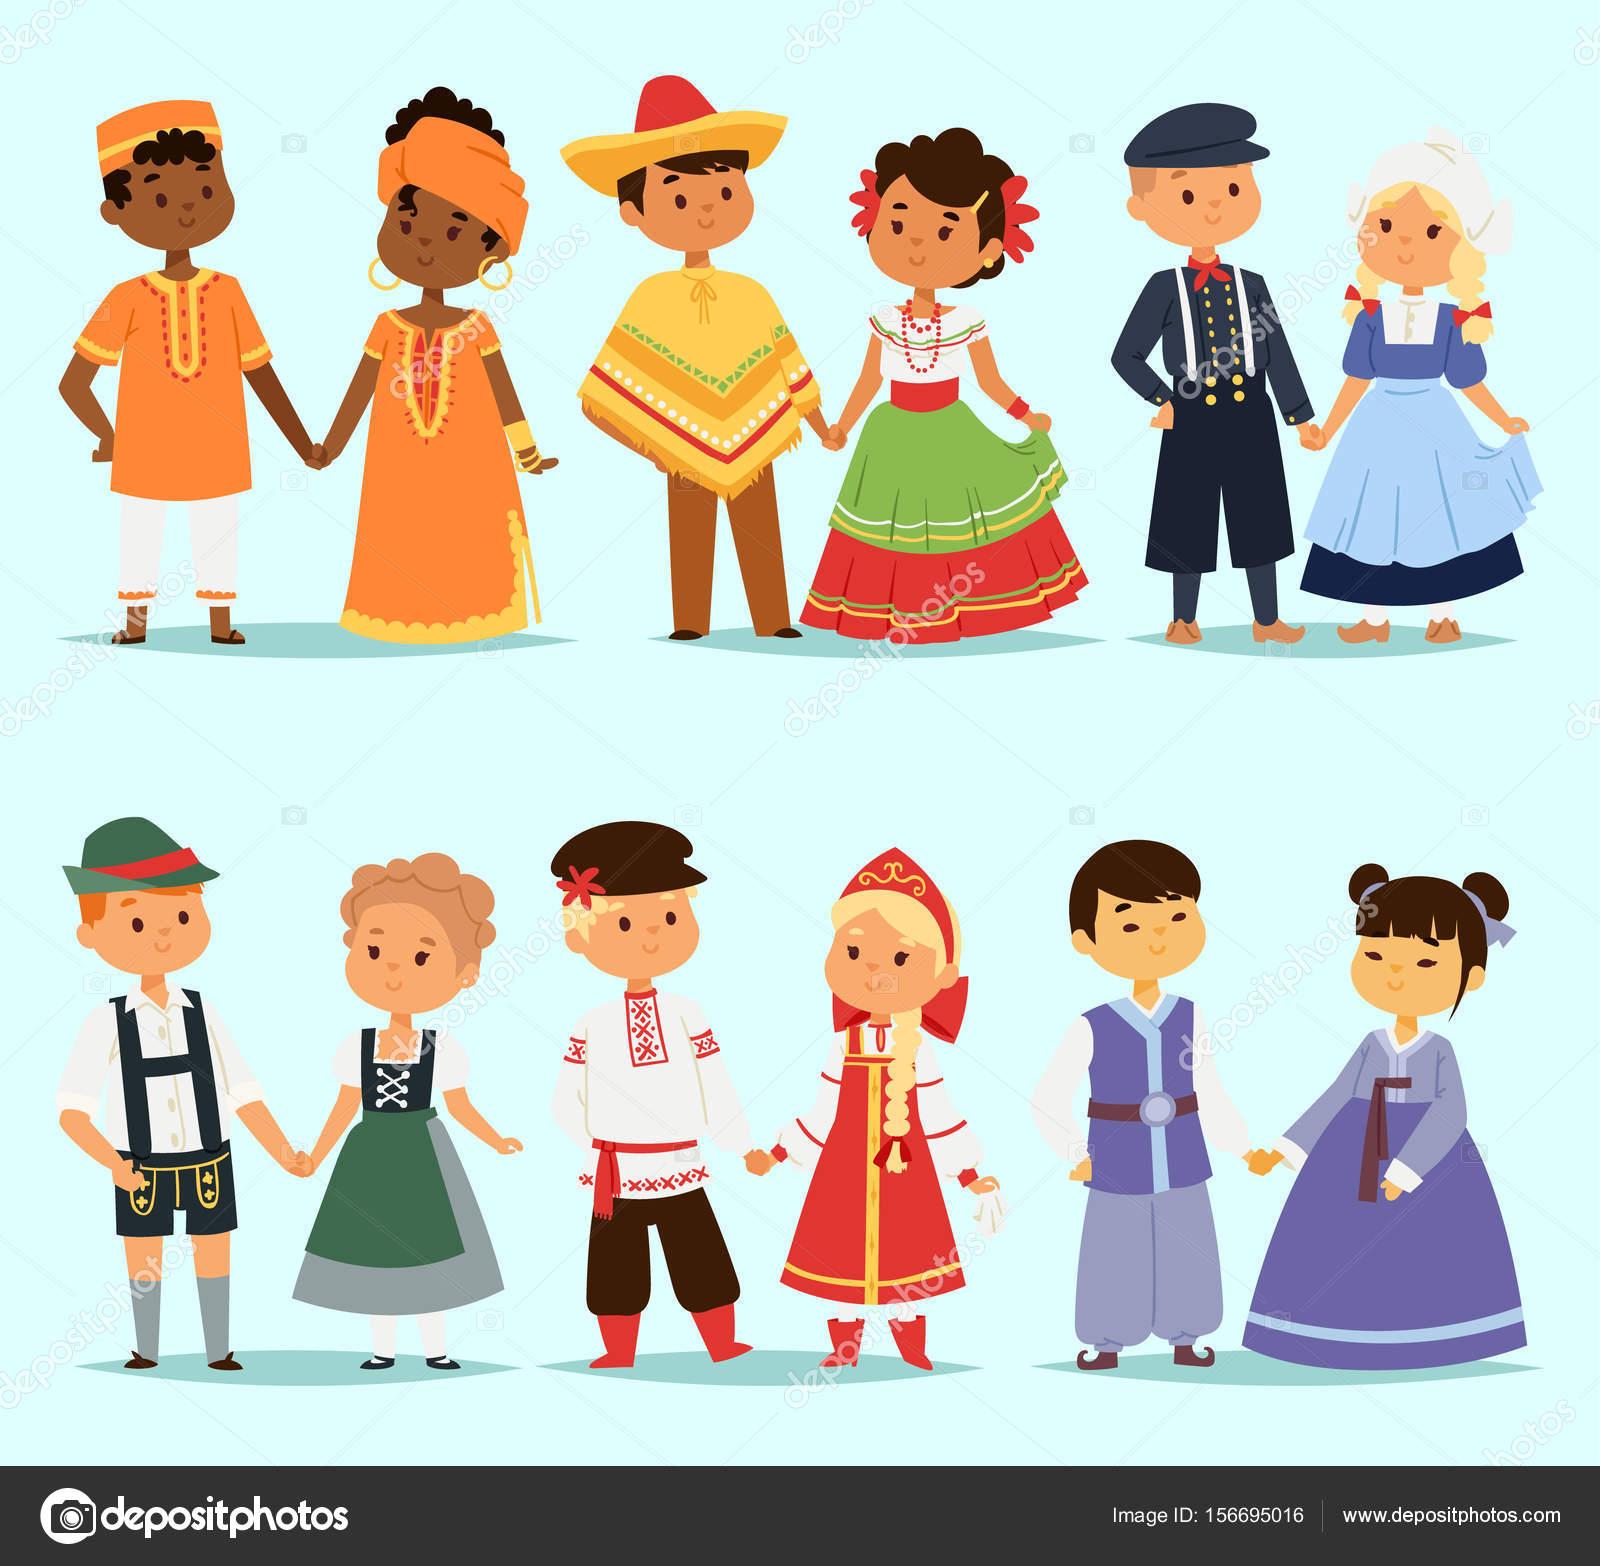 Картинки детей разной национальности в полный рост